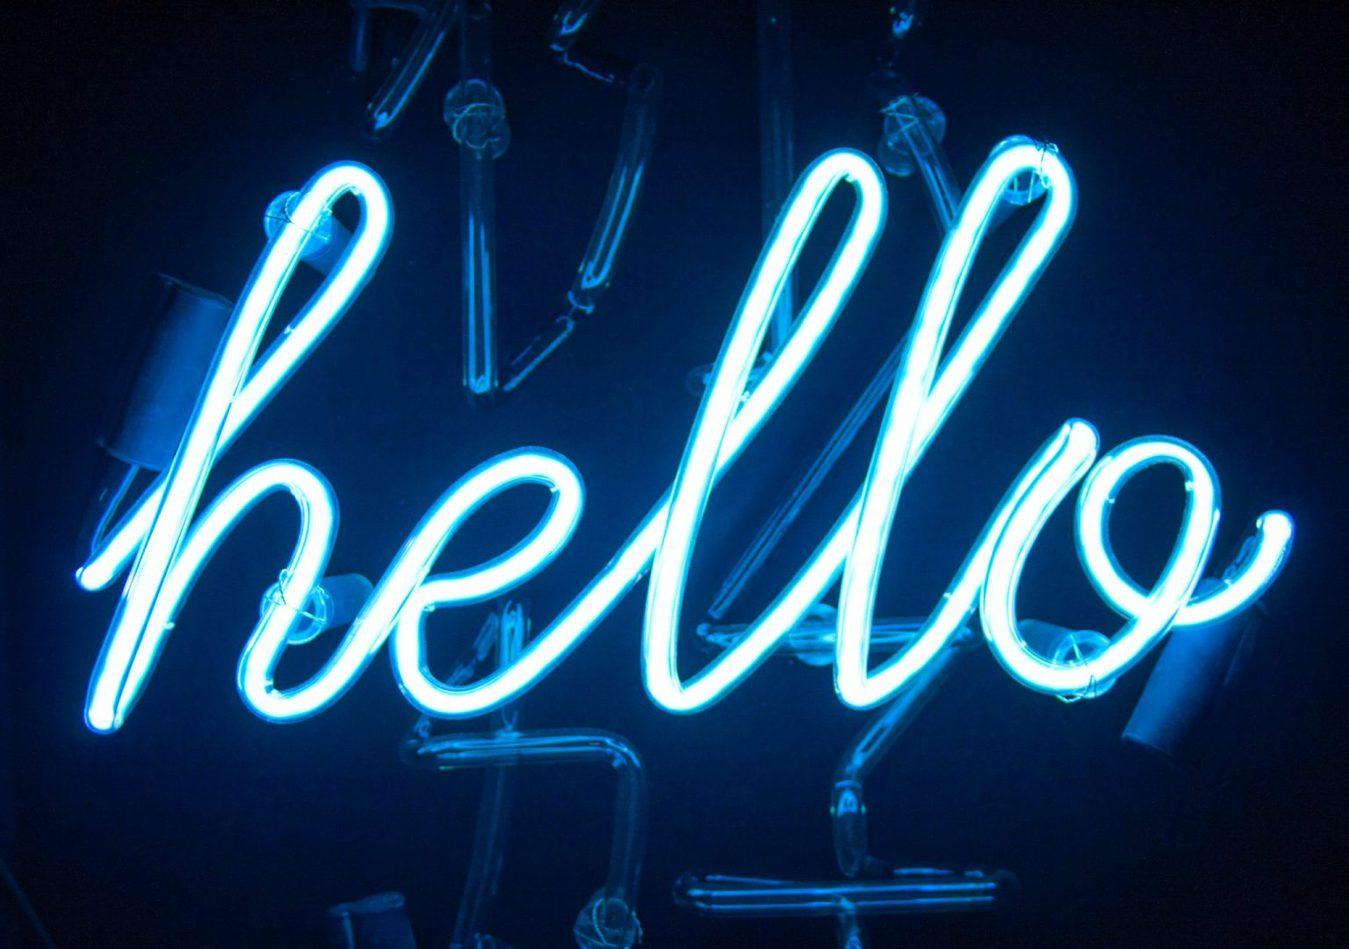 blauw neon bord dat 'hallo' zegt in cursief schrift